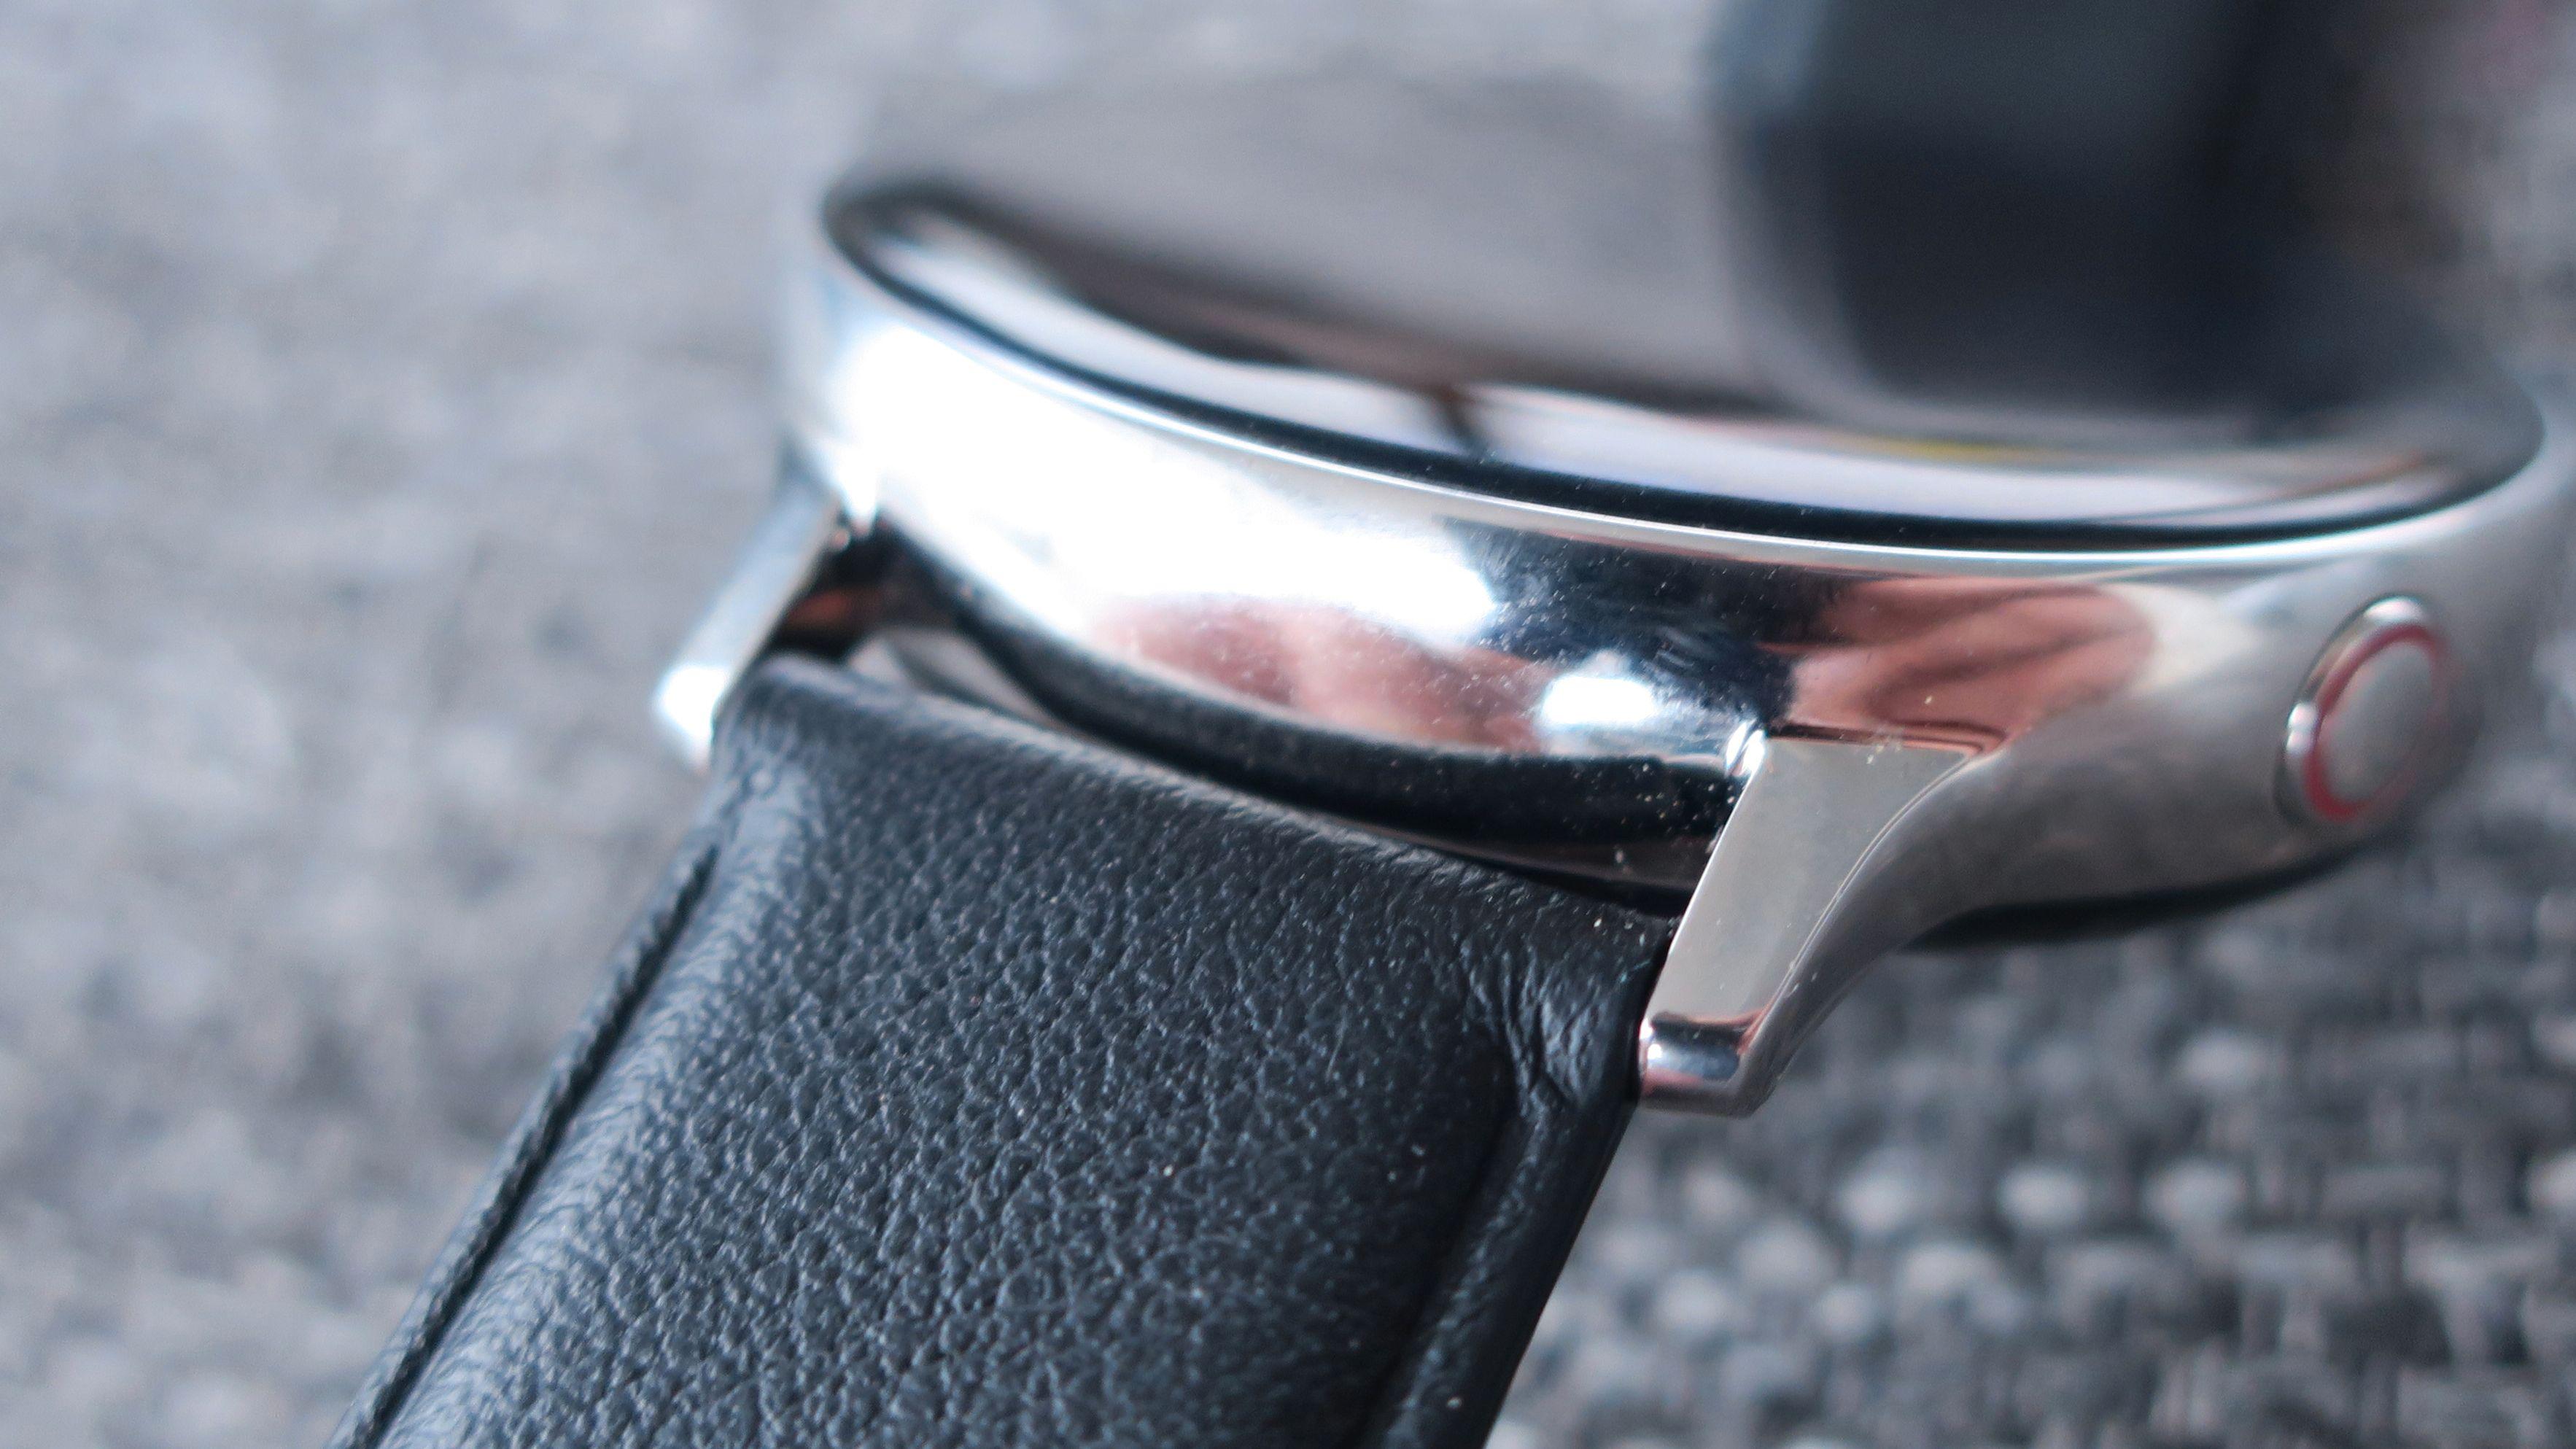 Klokken bruker 20 mm brede reimer.